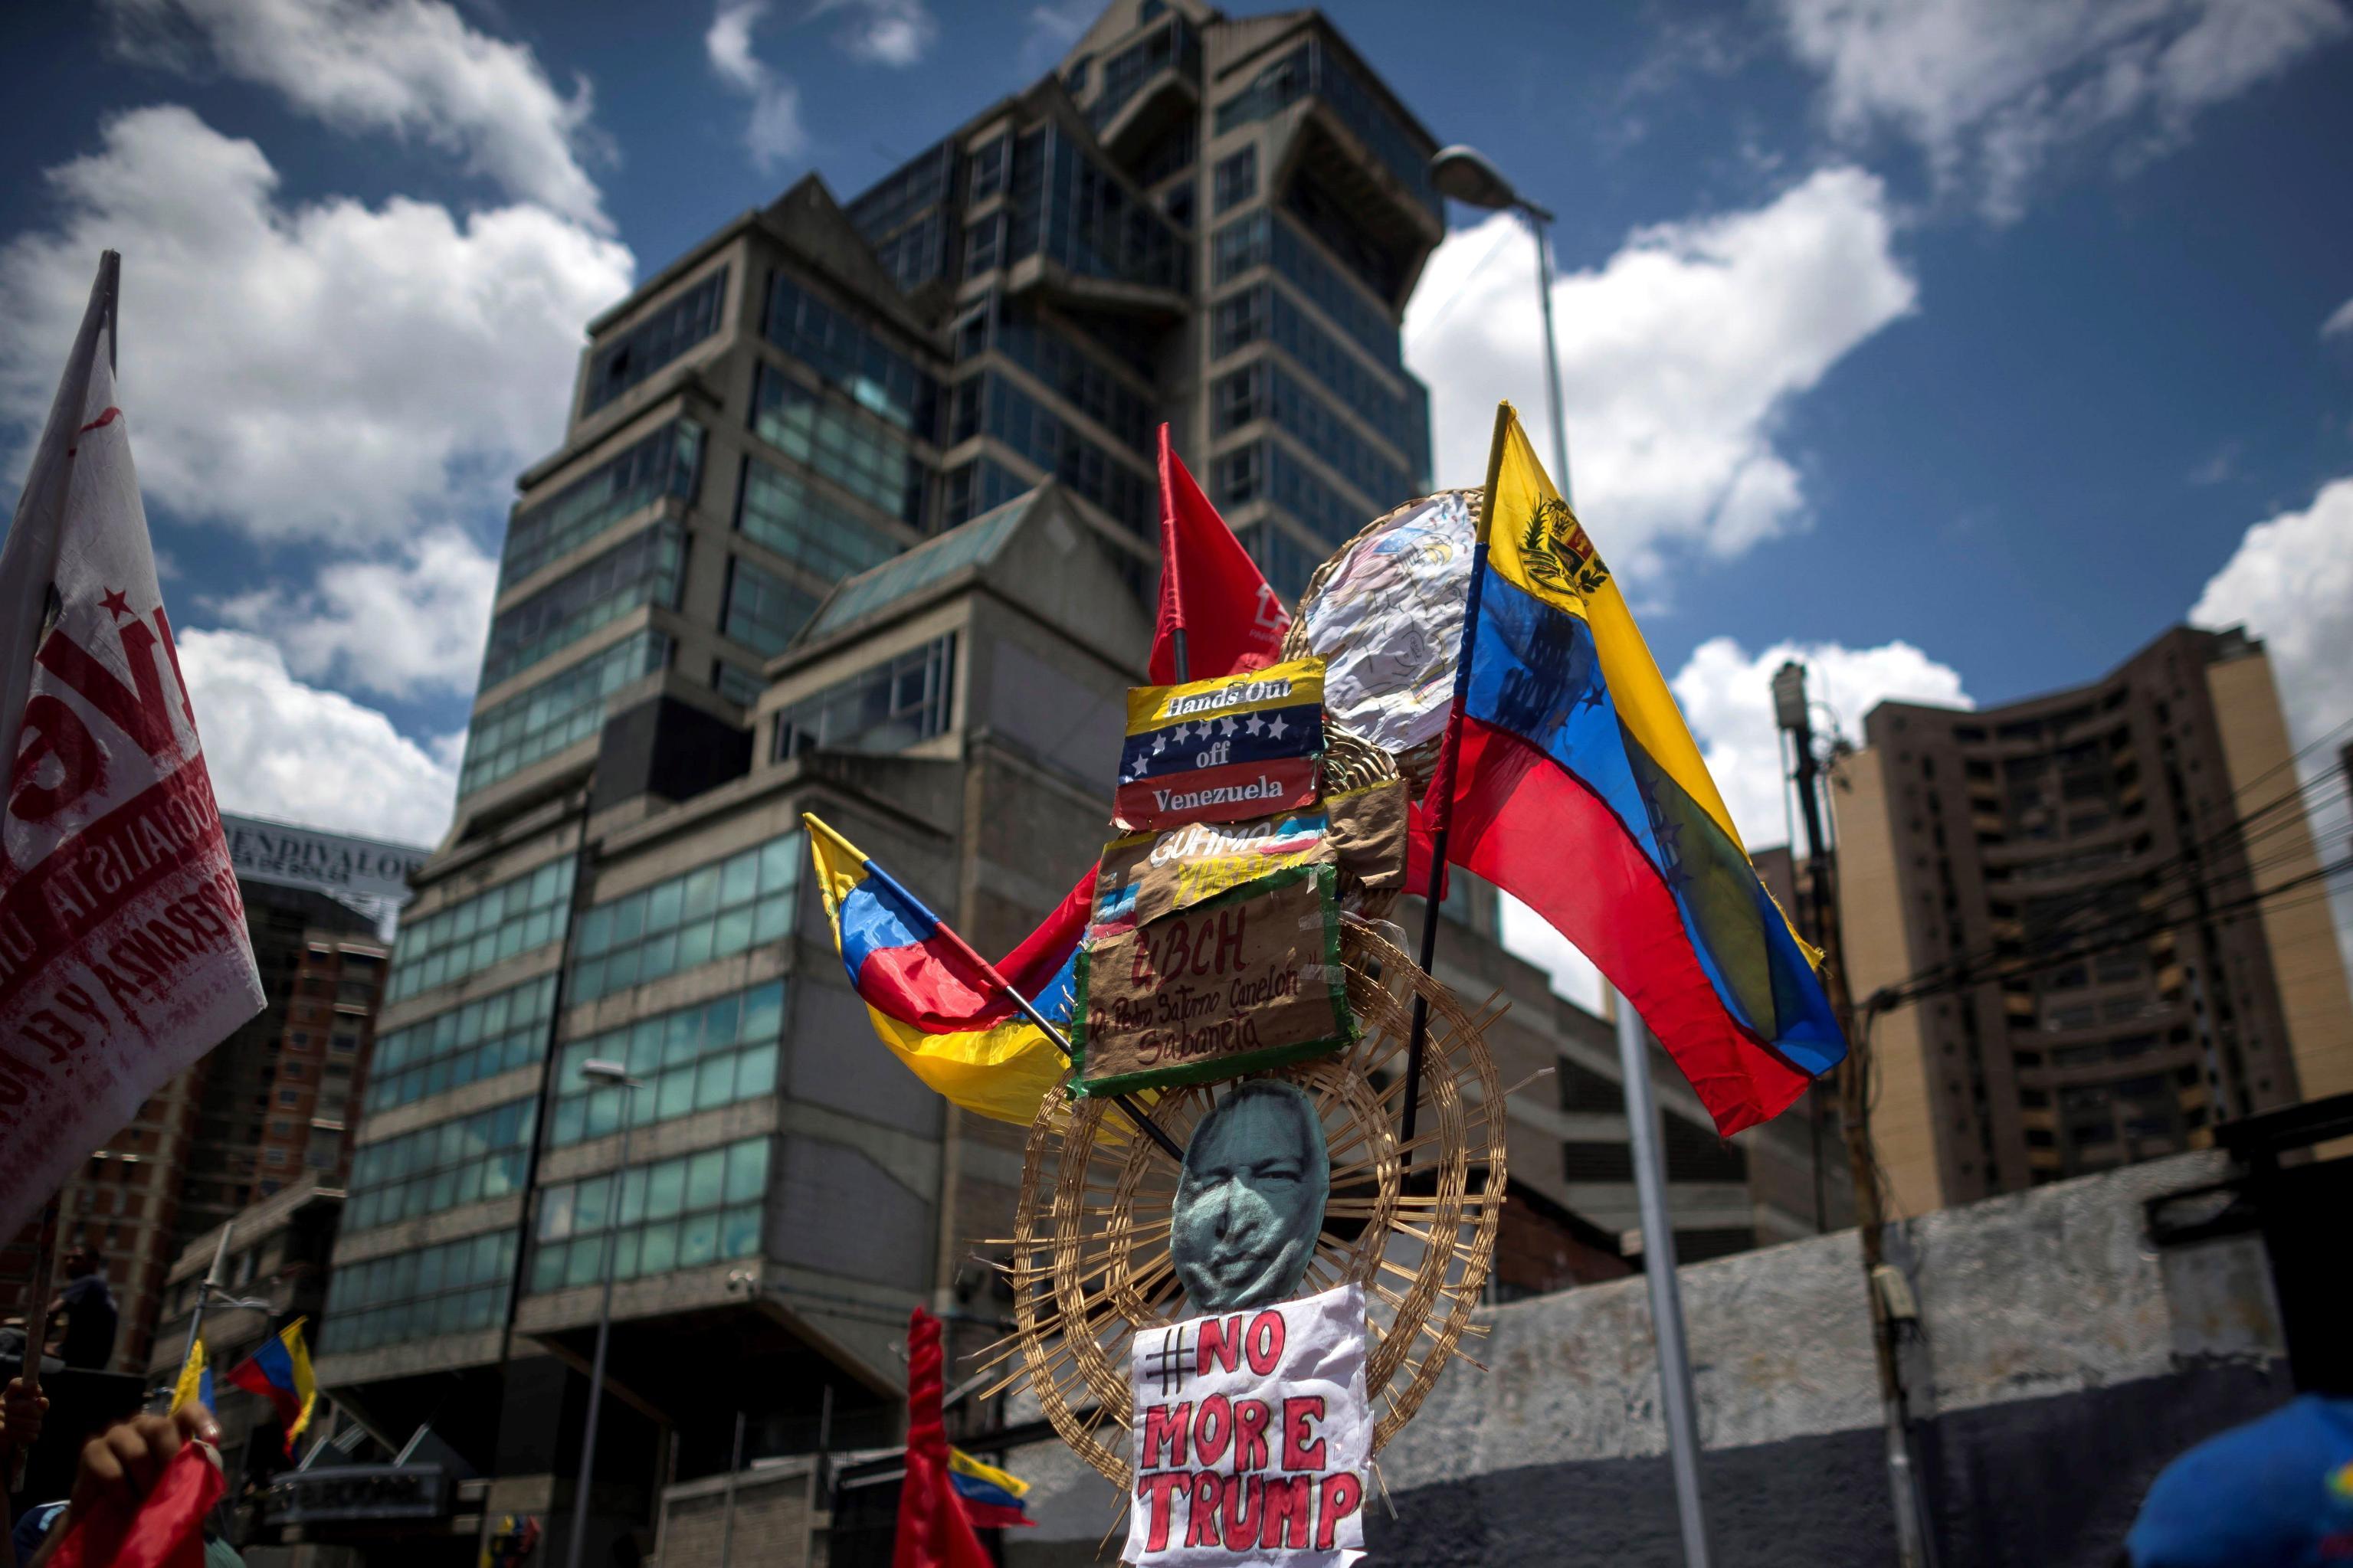 """Tra le bandiere del Venezuela, compare un cartello con scritto """"Basta con Donald Trump"""""""